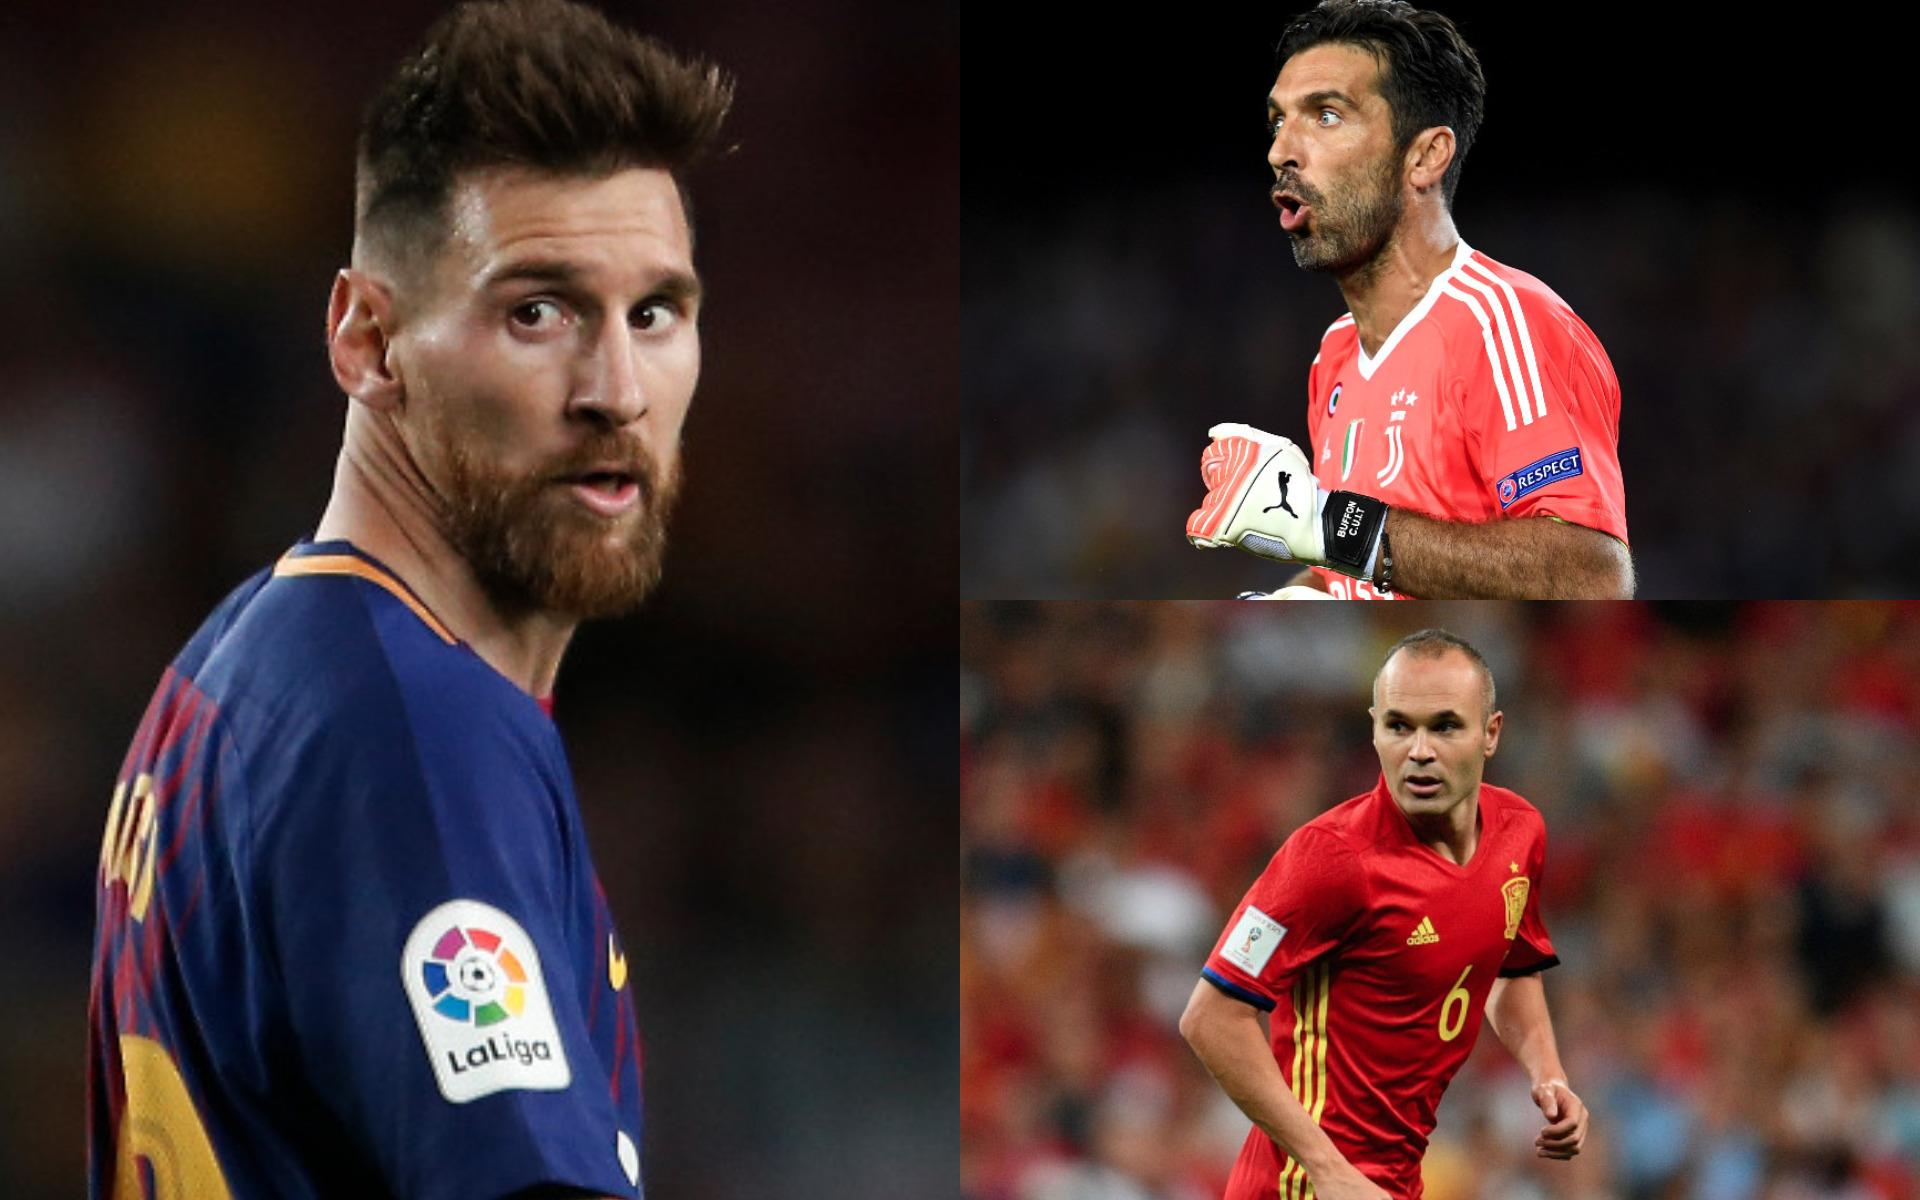 Estrellas de fútbol mundial que aún no renuevan y serían agentes libres en 2018